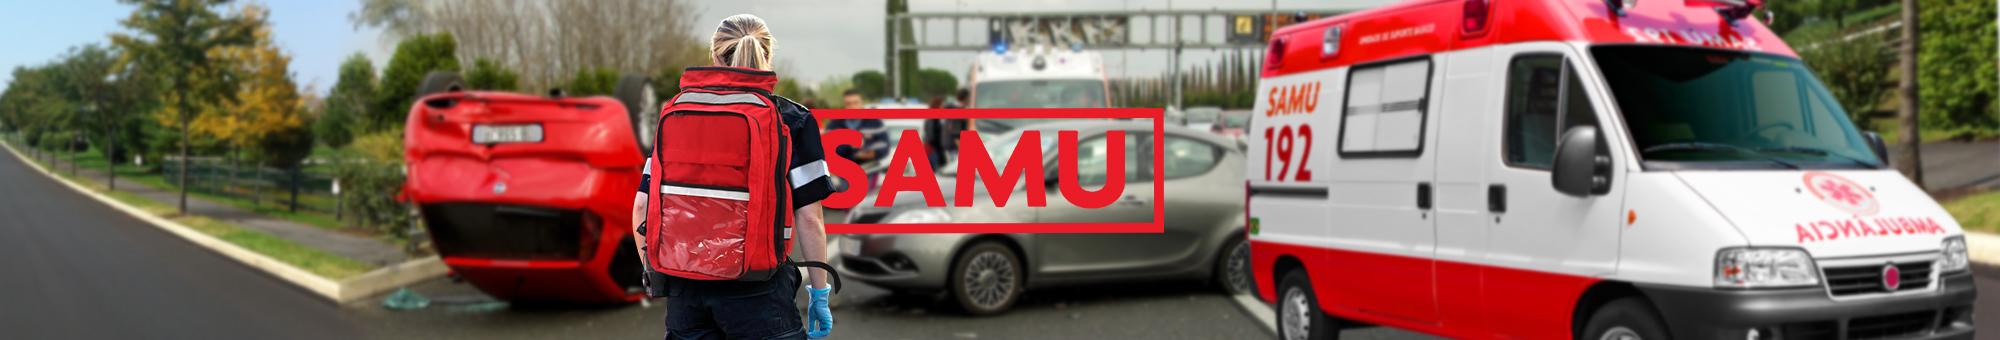 Dpto - SAMU